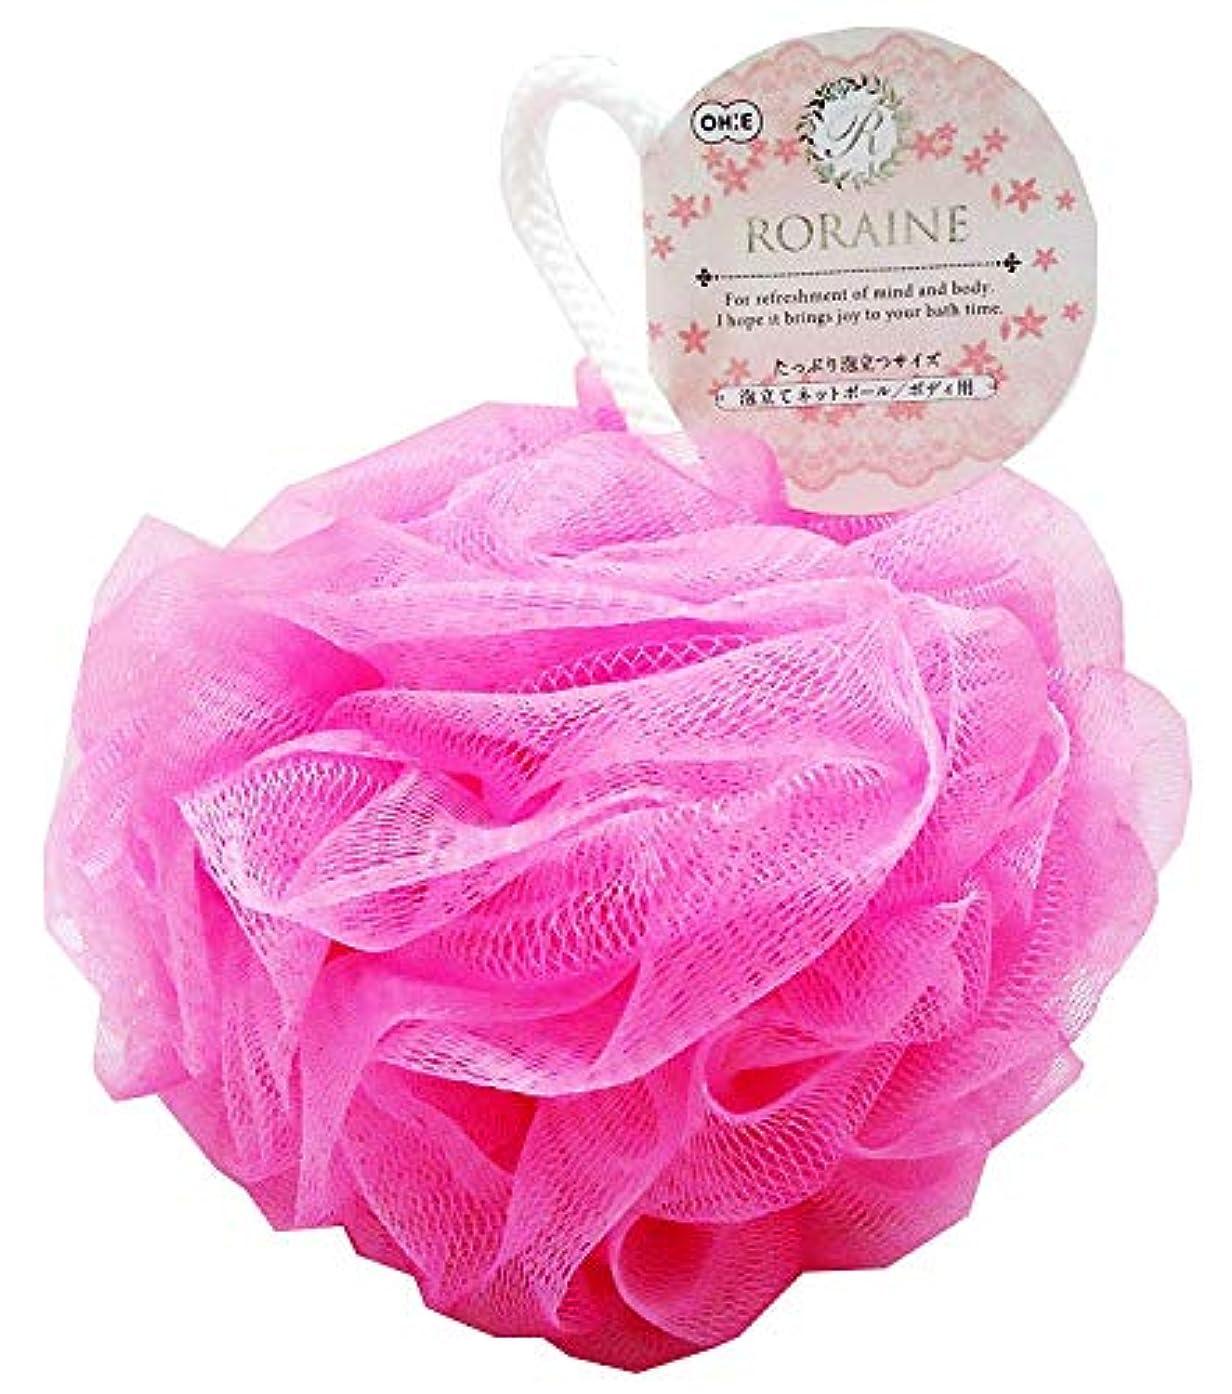 オーエ ボディスポンジ ロレーヌ 泡立てネットボールボディ用 ピンク 約22×12.5×12.5cm 1個